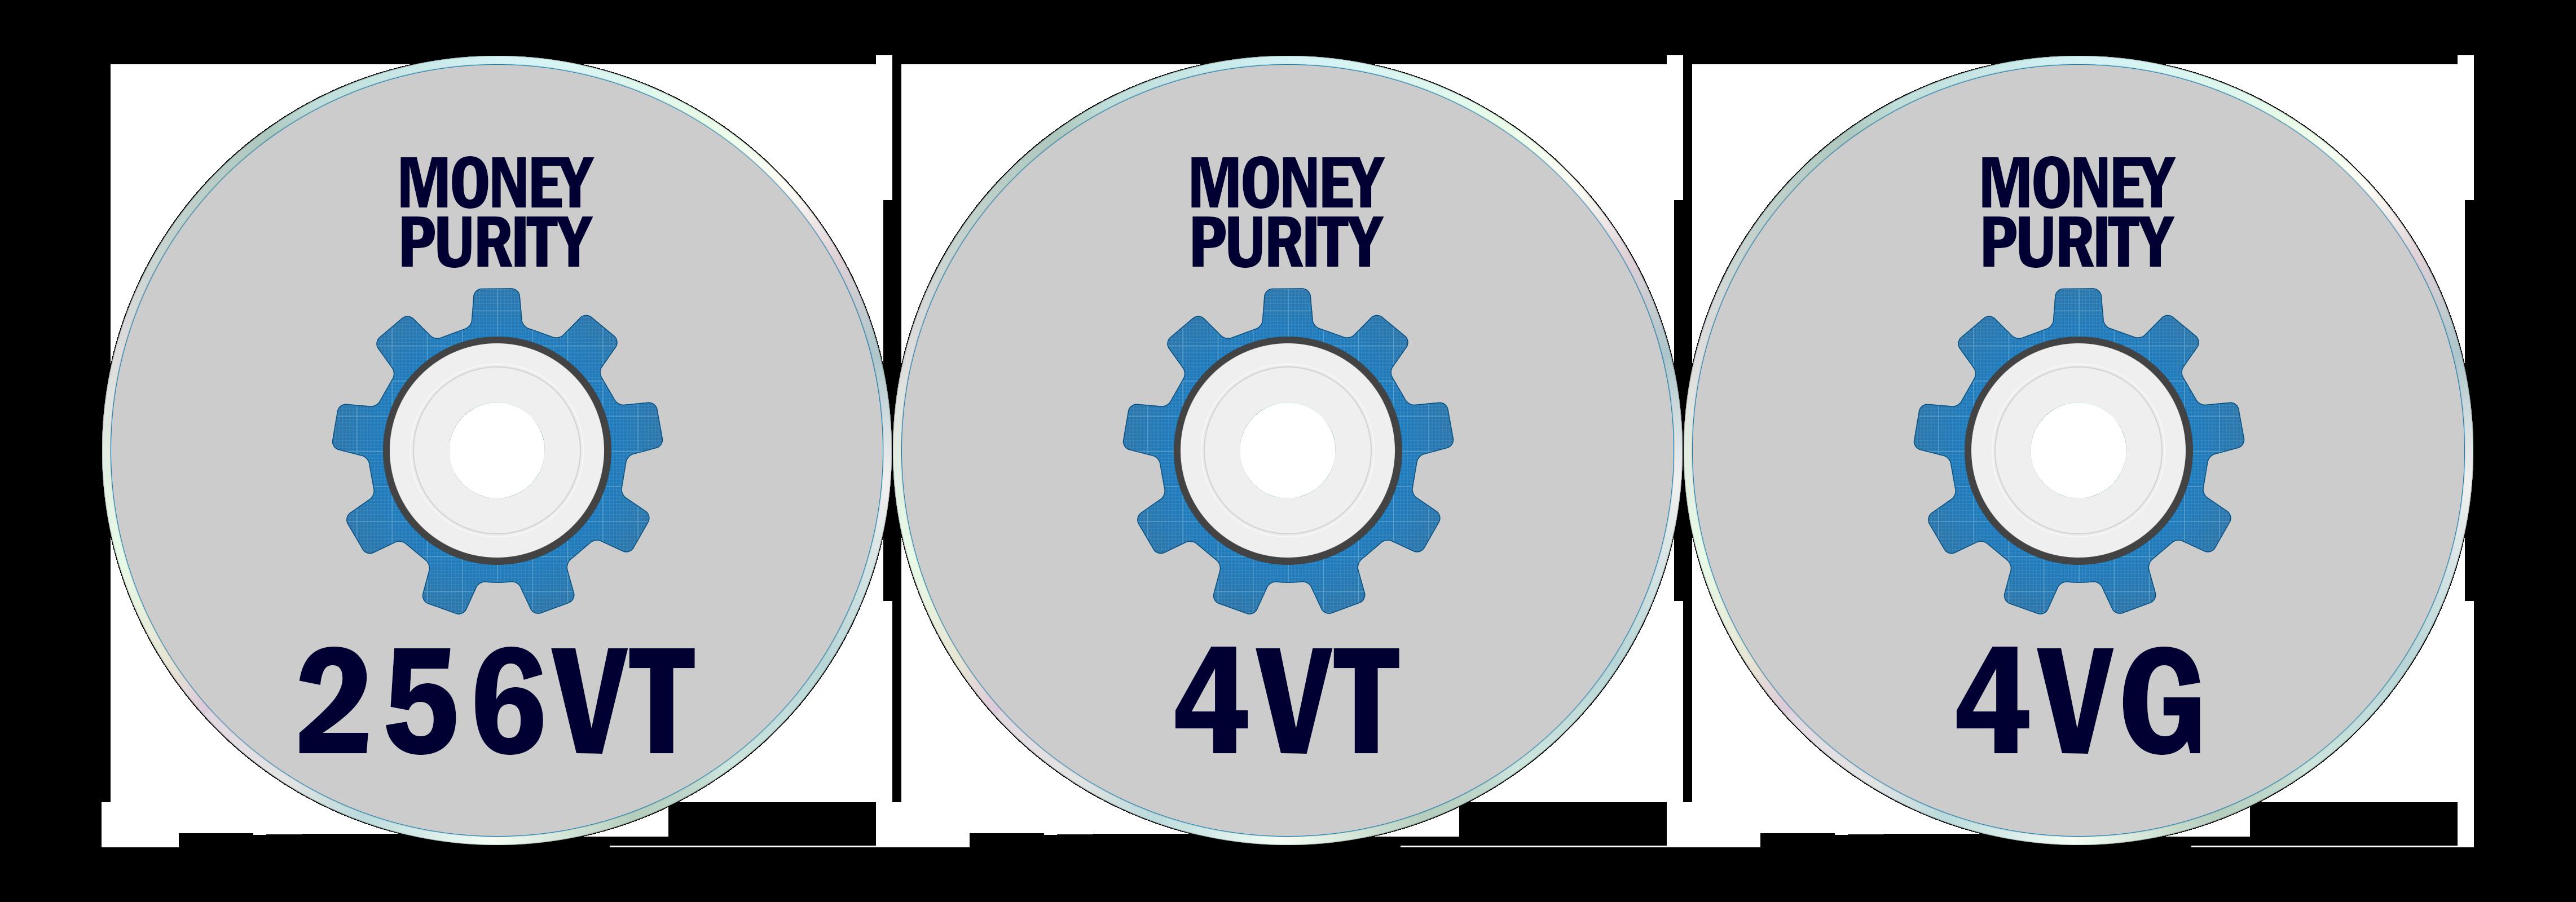 Money Purity